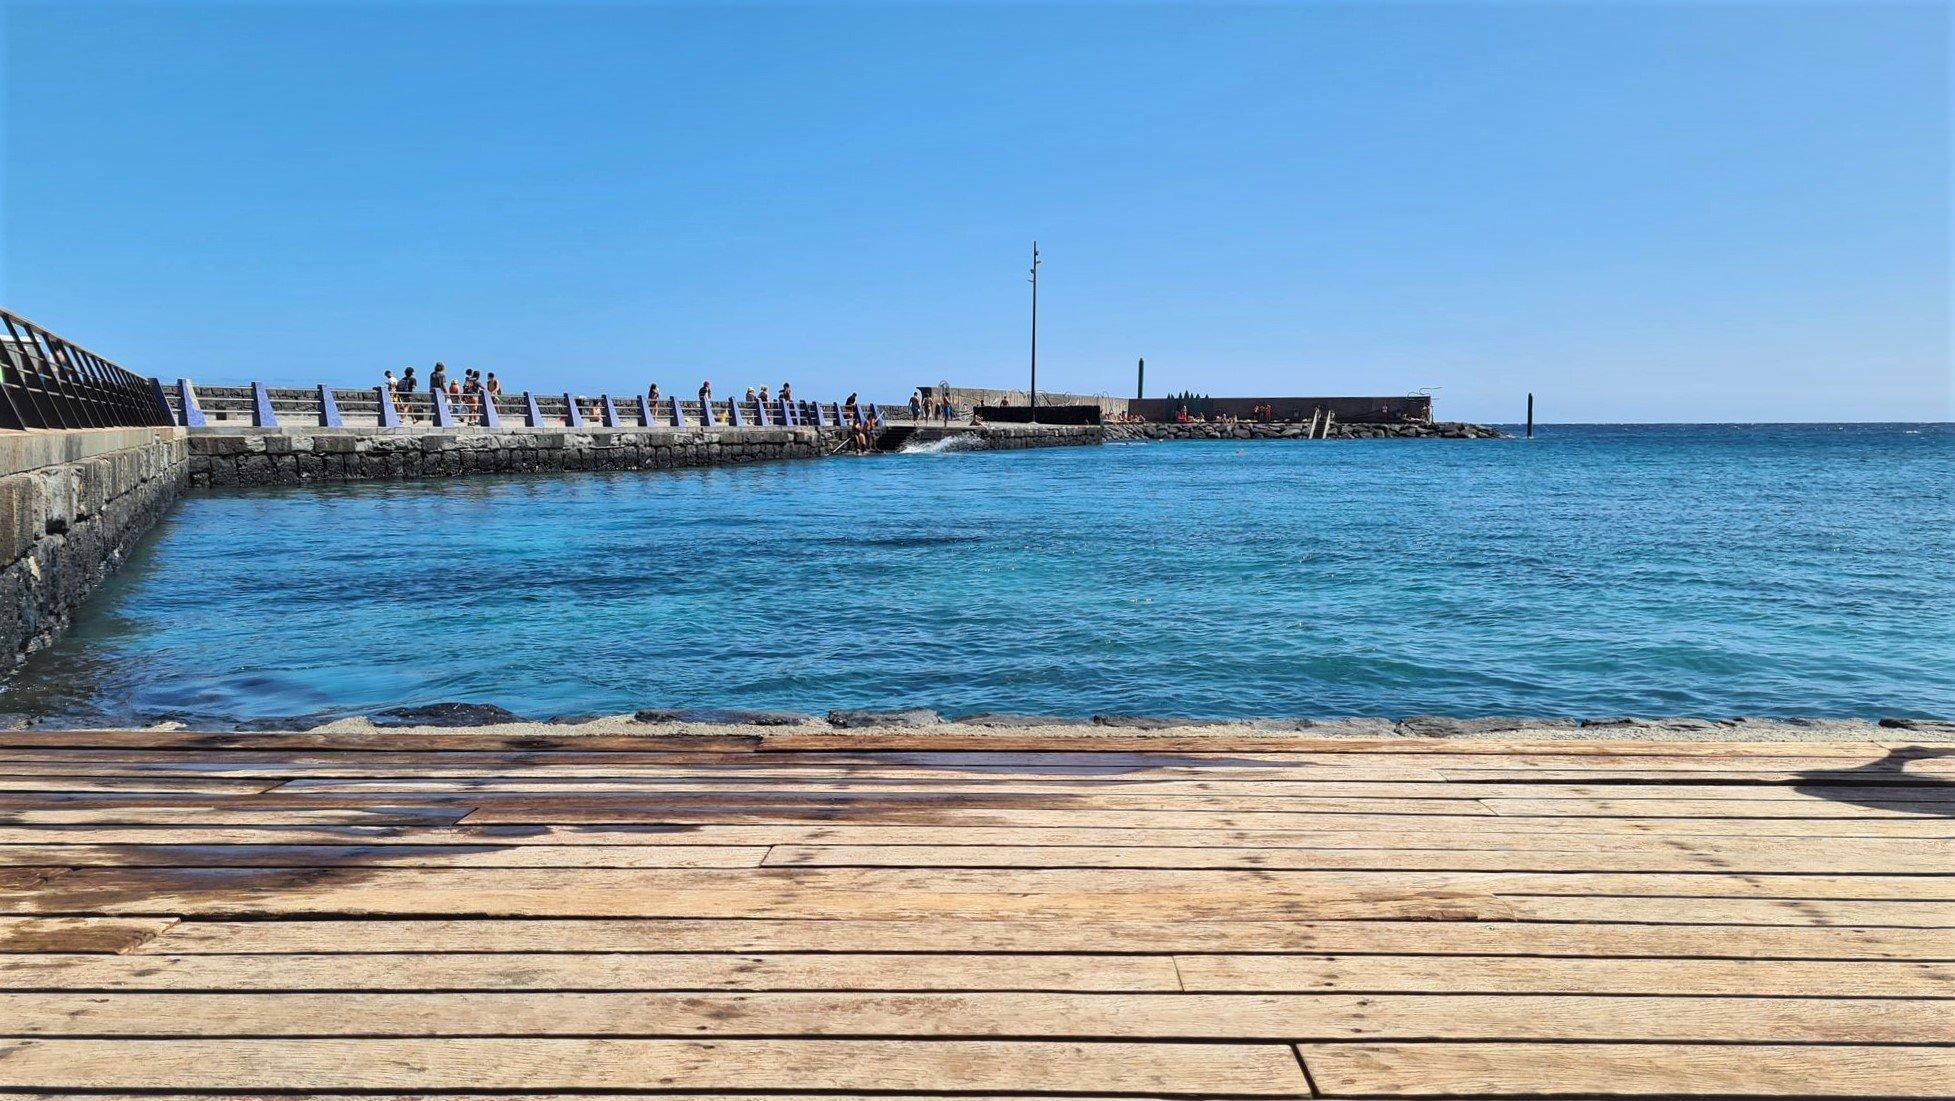 Caratteristiche di questo posto dove fare il bagno a Tenerife